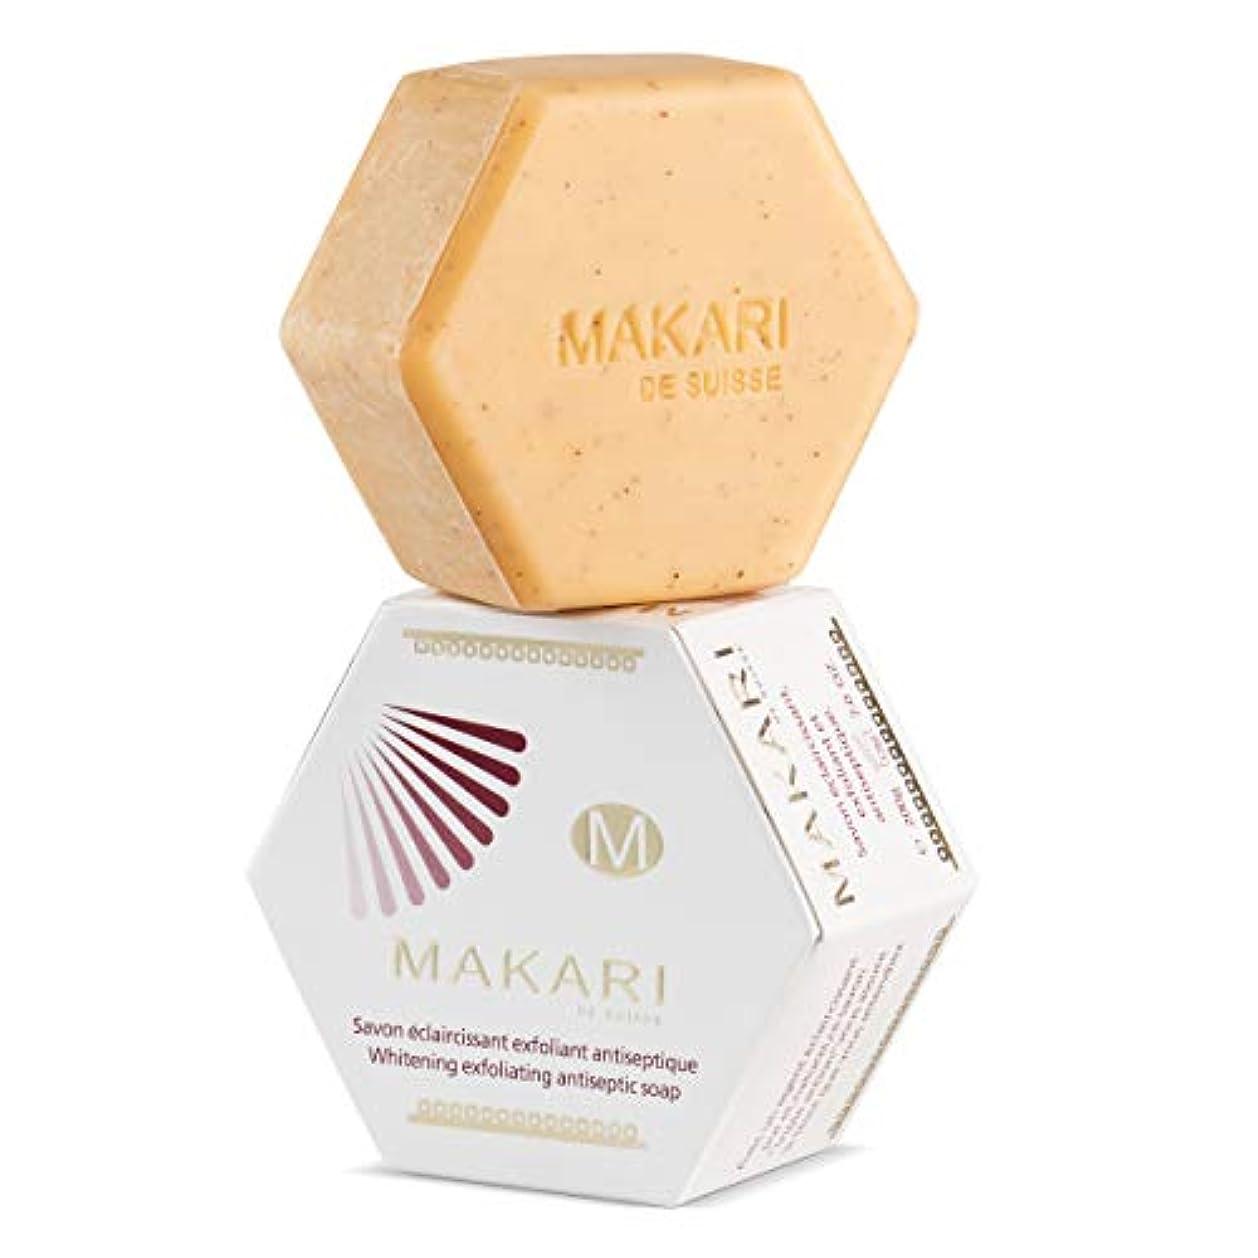 エクステントチューリップそれるMAKARI Classic Whitening Exfoliating Antiseptic Soap 7 Oz.– Cleansing & Moisturizing Bar Soap For Face & Body...